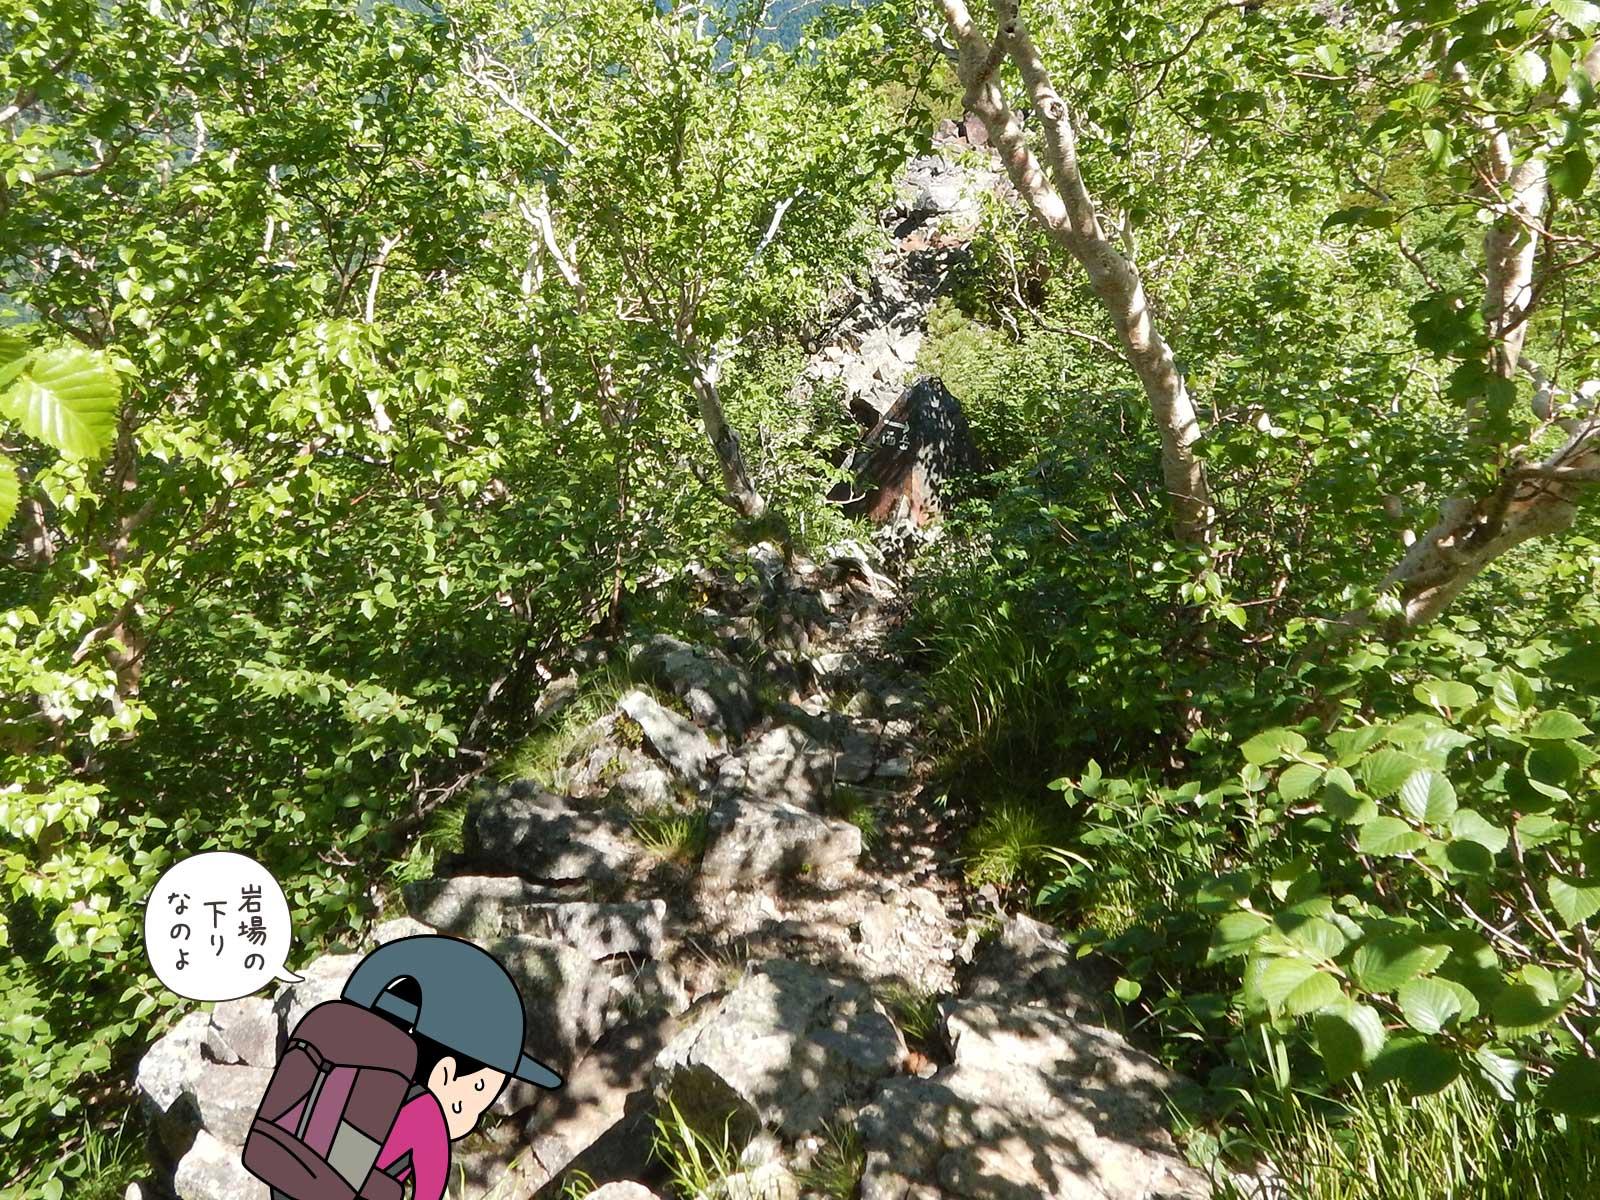 ゴツゴツとした岩場を降りる